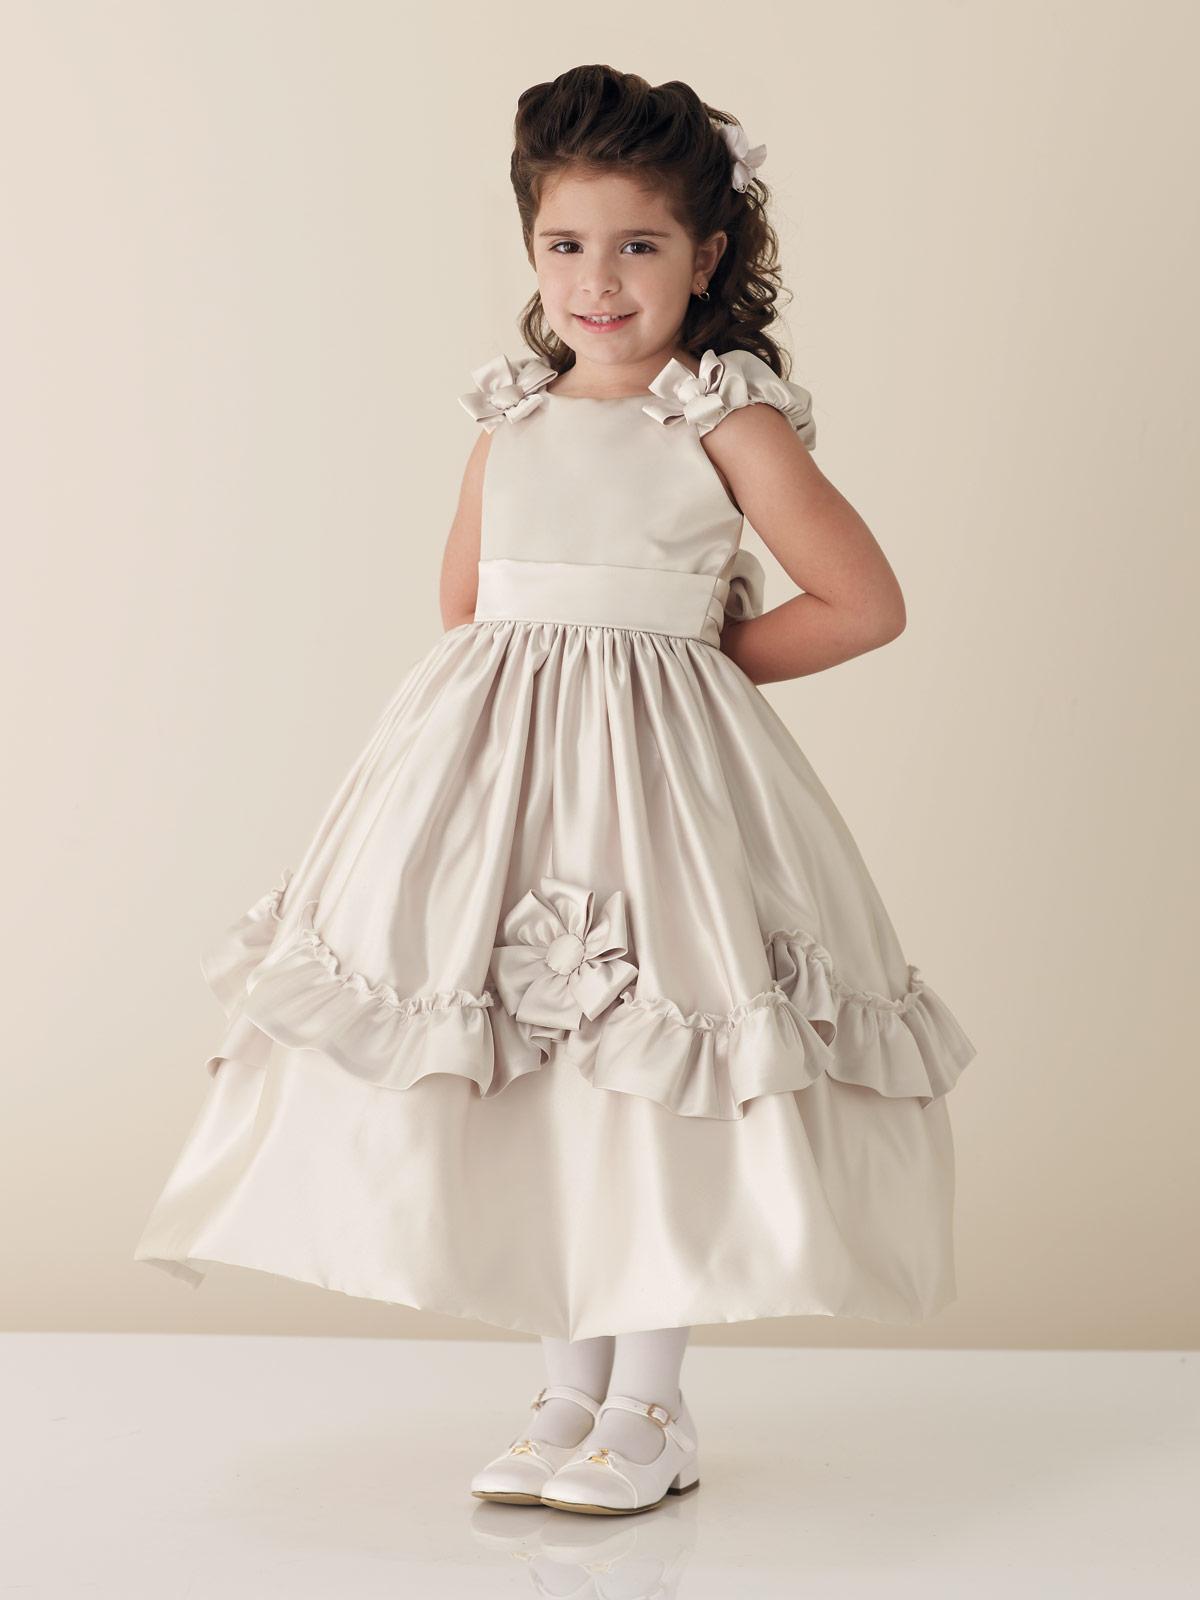 بالصور ملابس بنات للعيد , اجمل ملابس العيد للبنات الصغيرات 5721